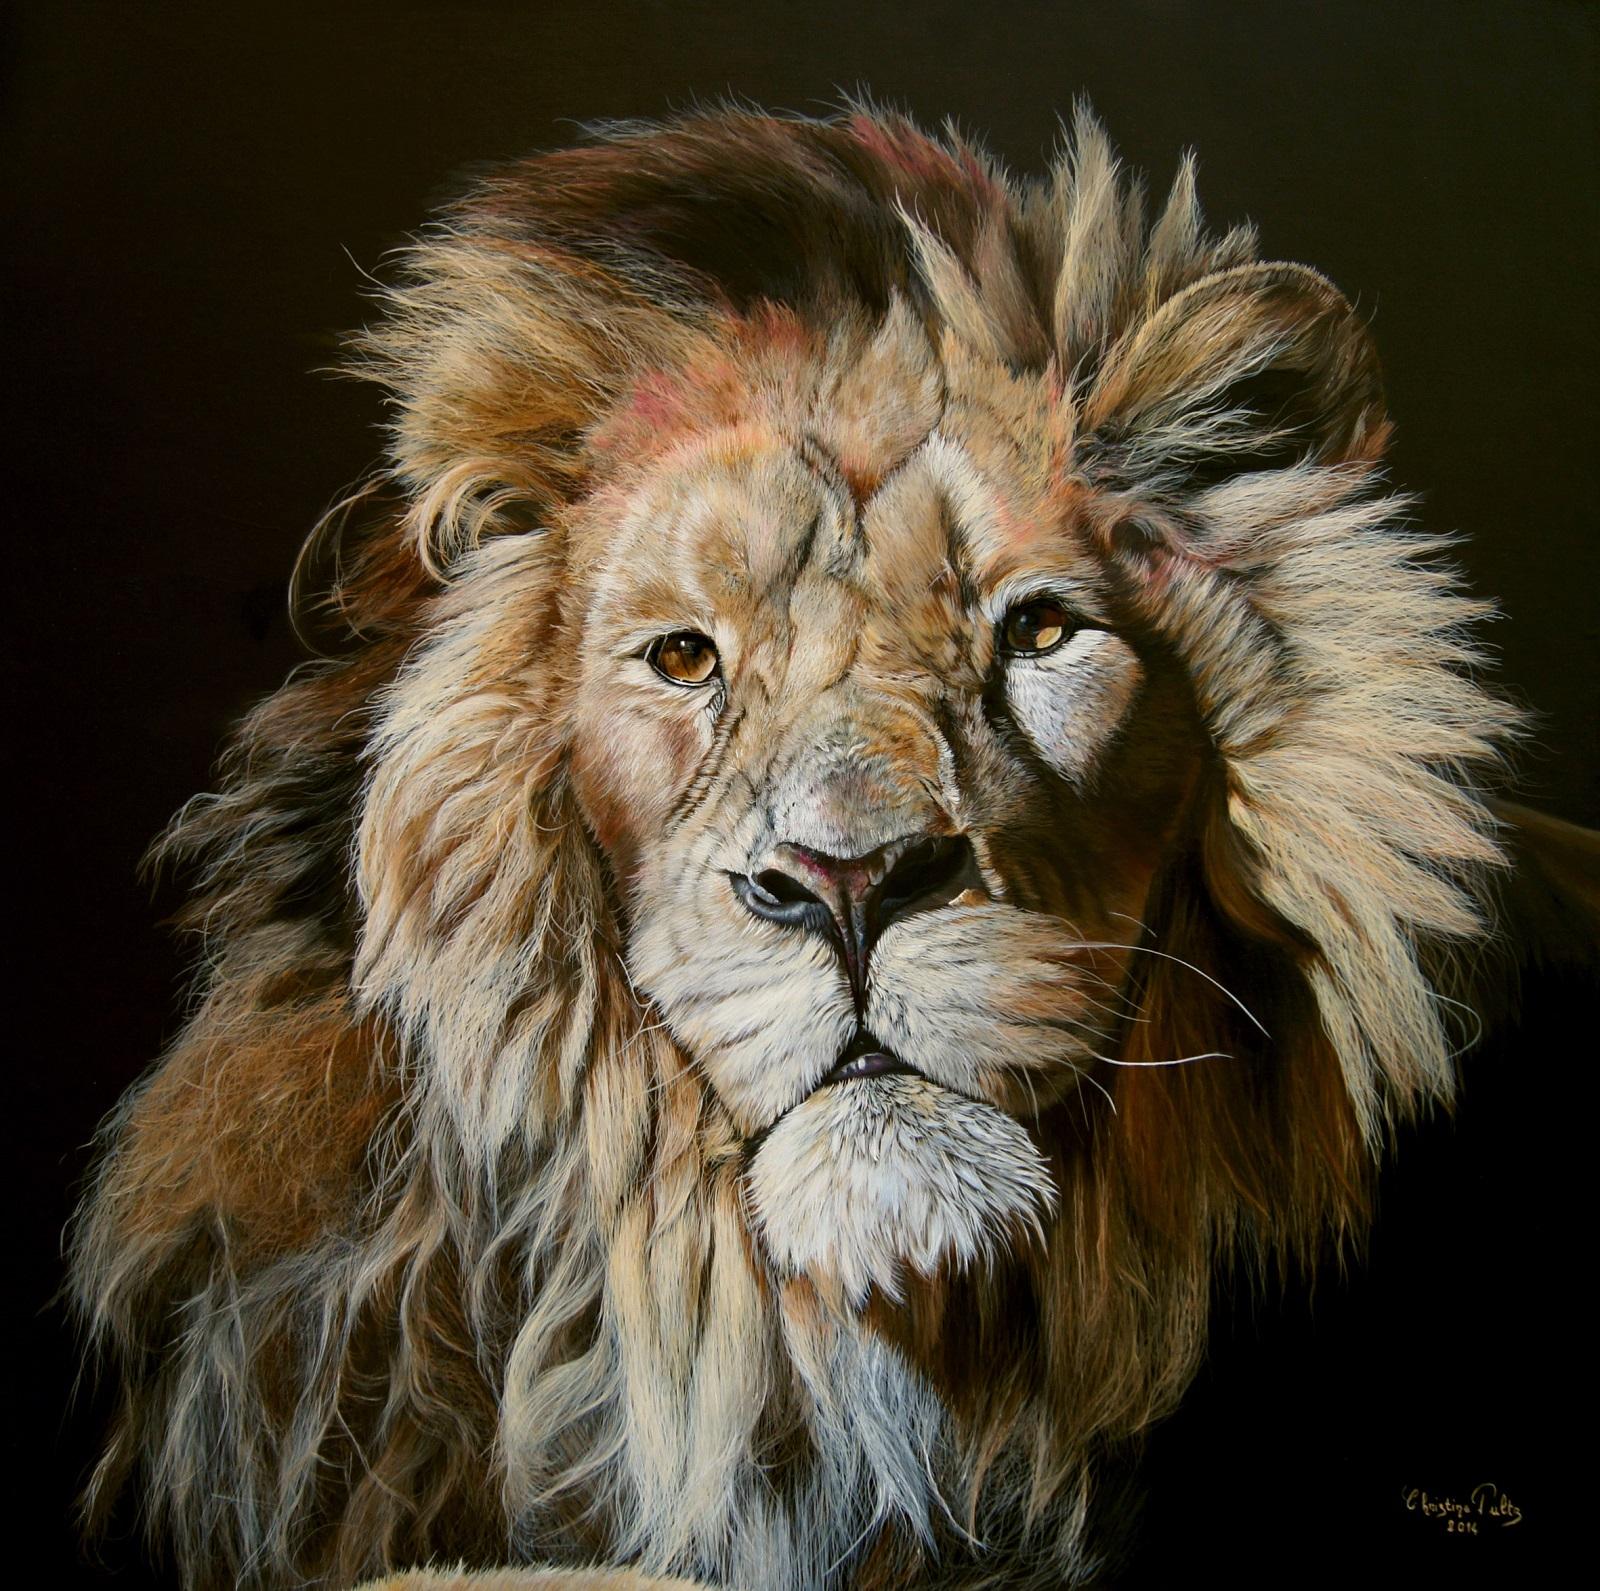 The king Huile sur toile de lin 80 x 80 cm